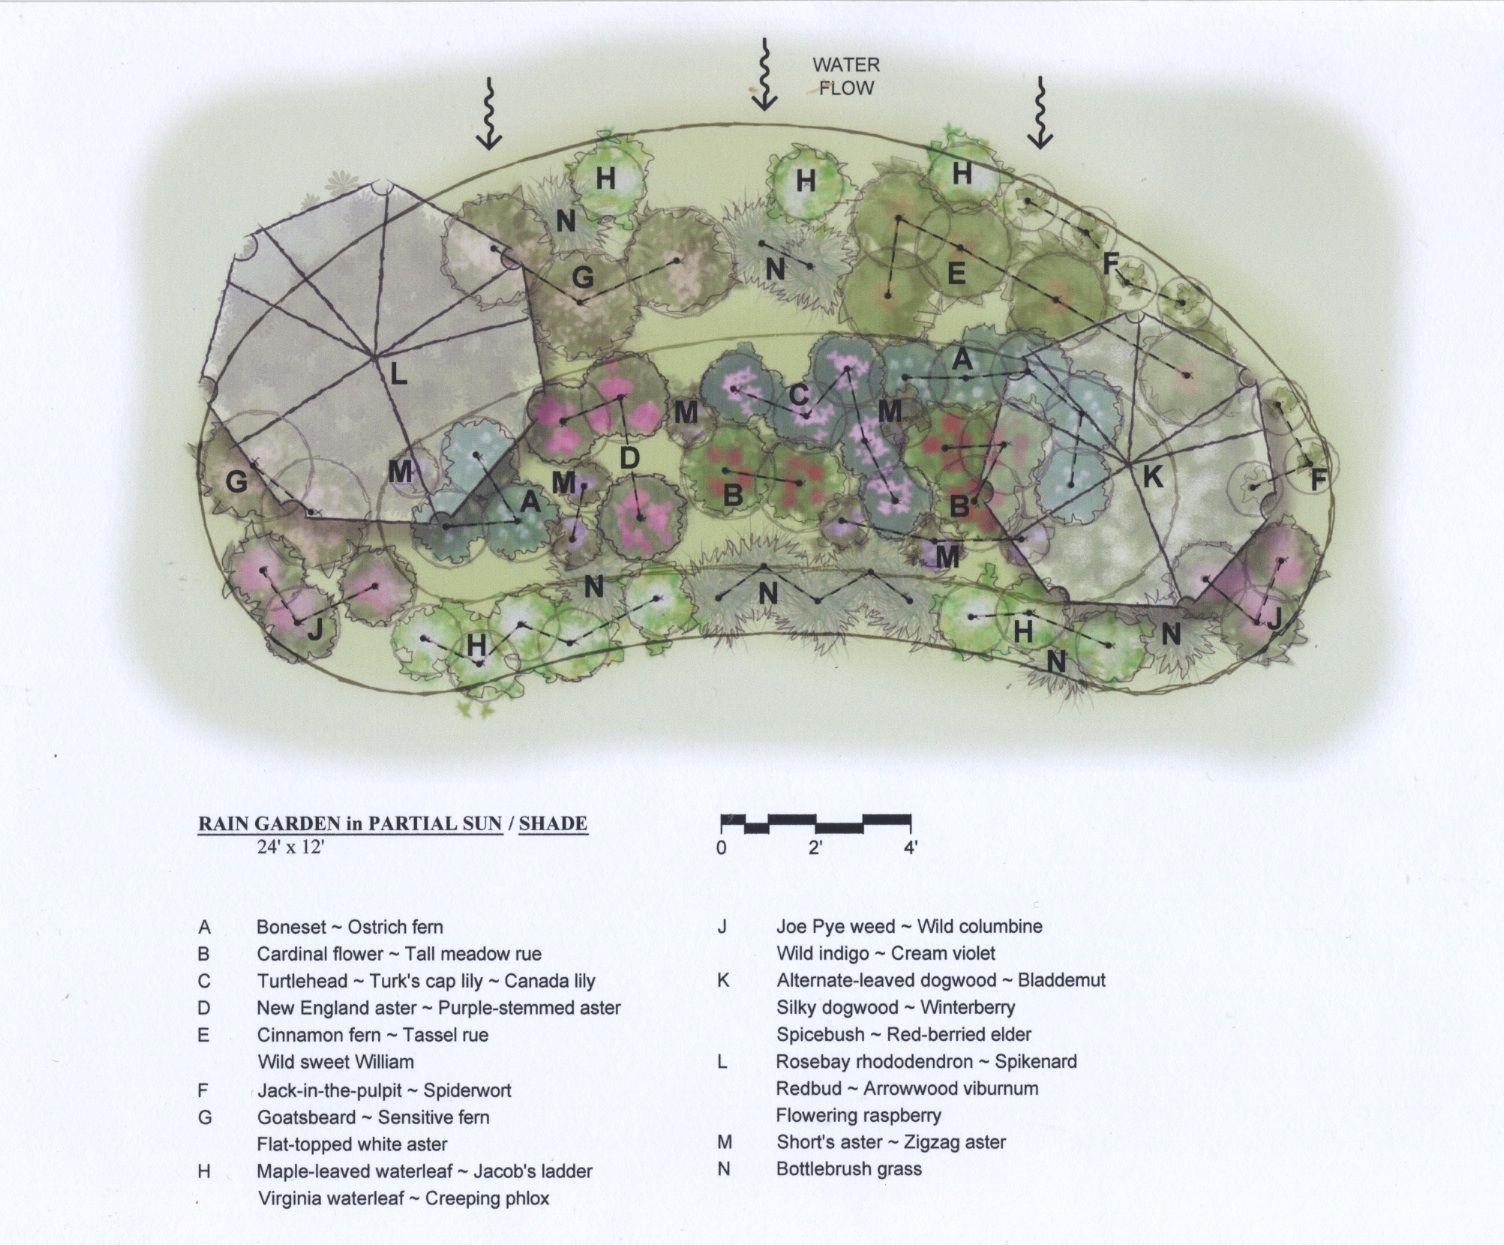 shade landscaping plans | Partial Shade Garden Ideas ...